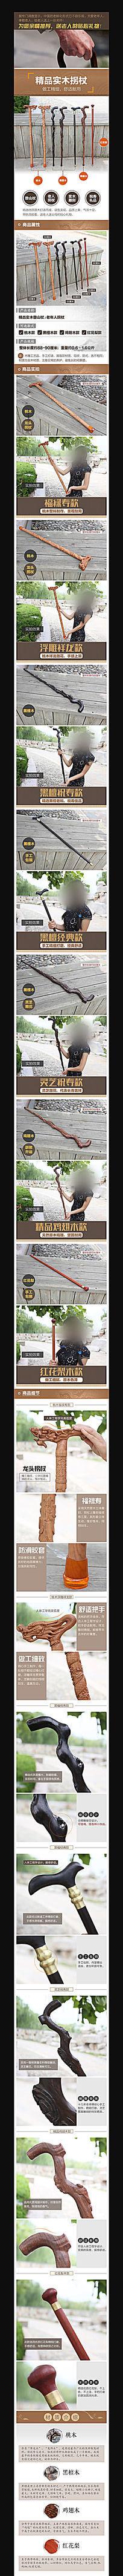 淘宝拐杖详情页宝贝描述素材模板